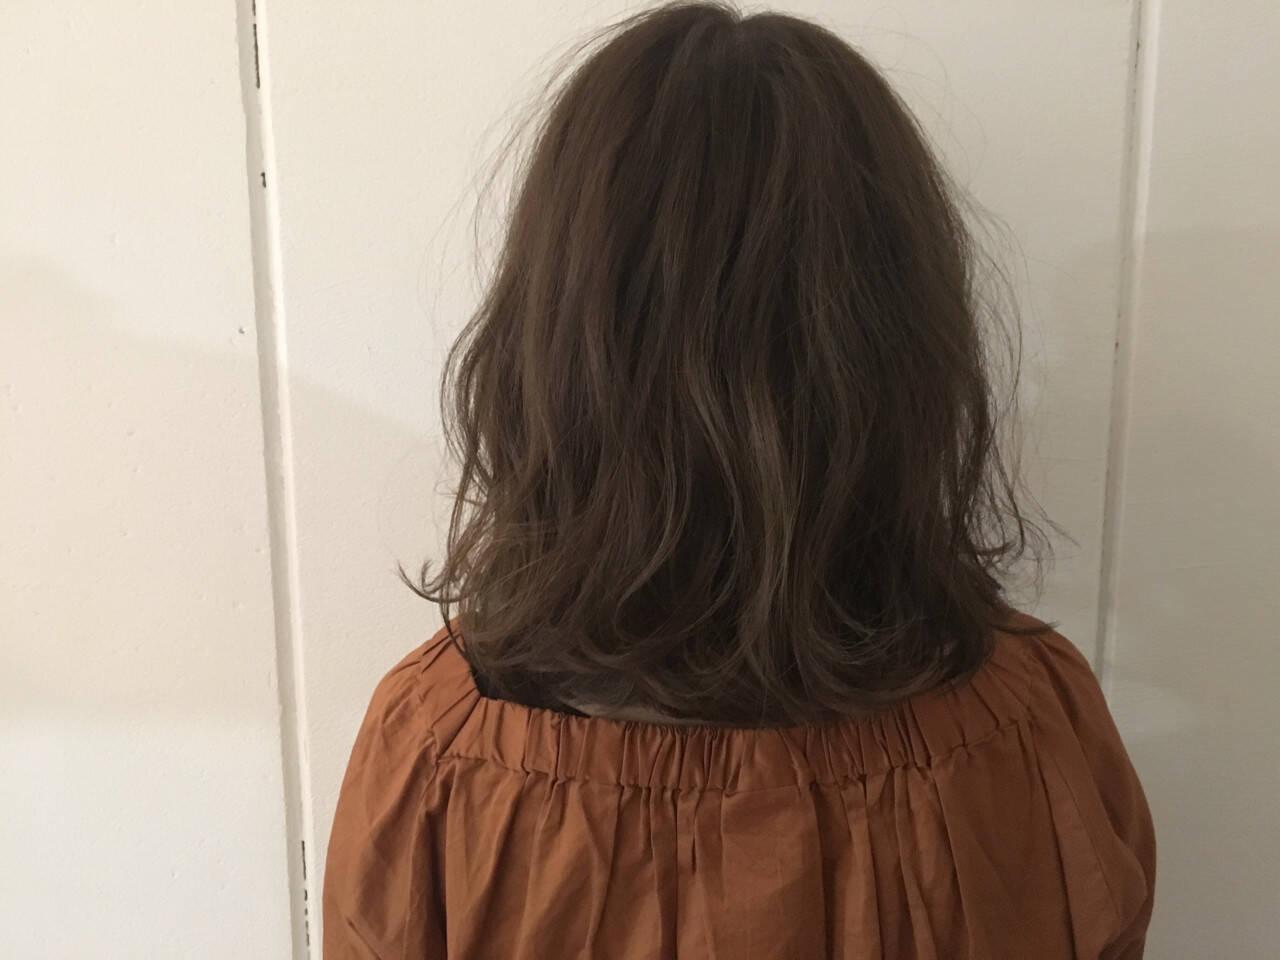 大人かわいい グレージュ アッシュ ミディアムヘアスタイルや髪型の写真・画像